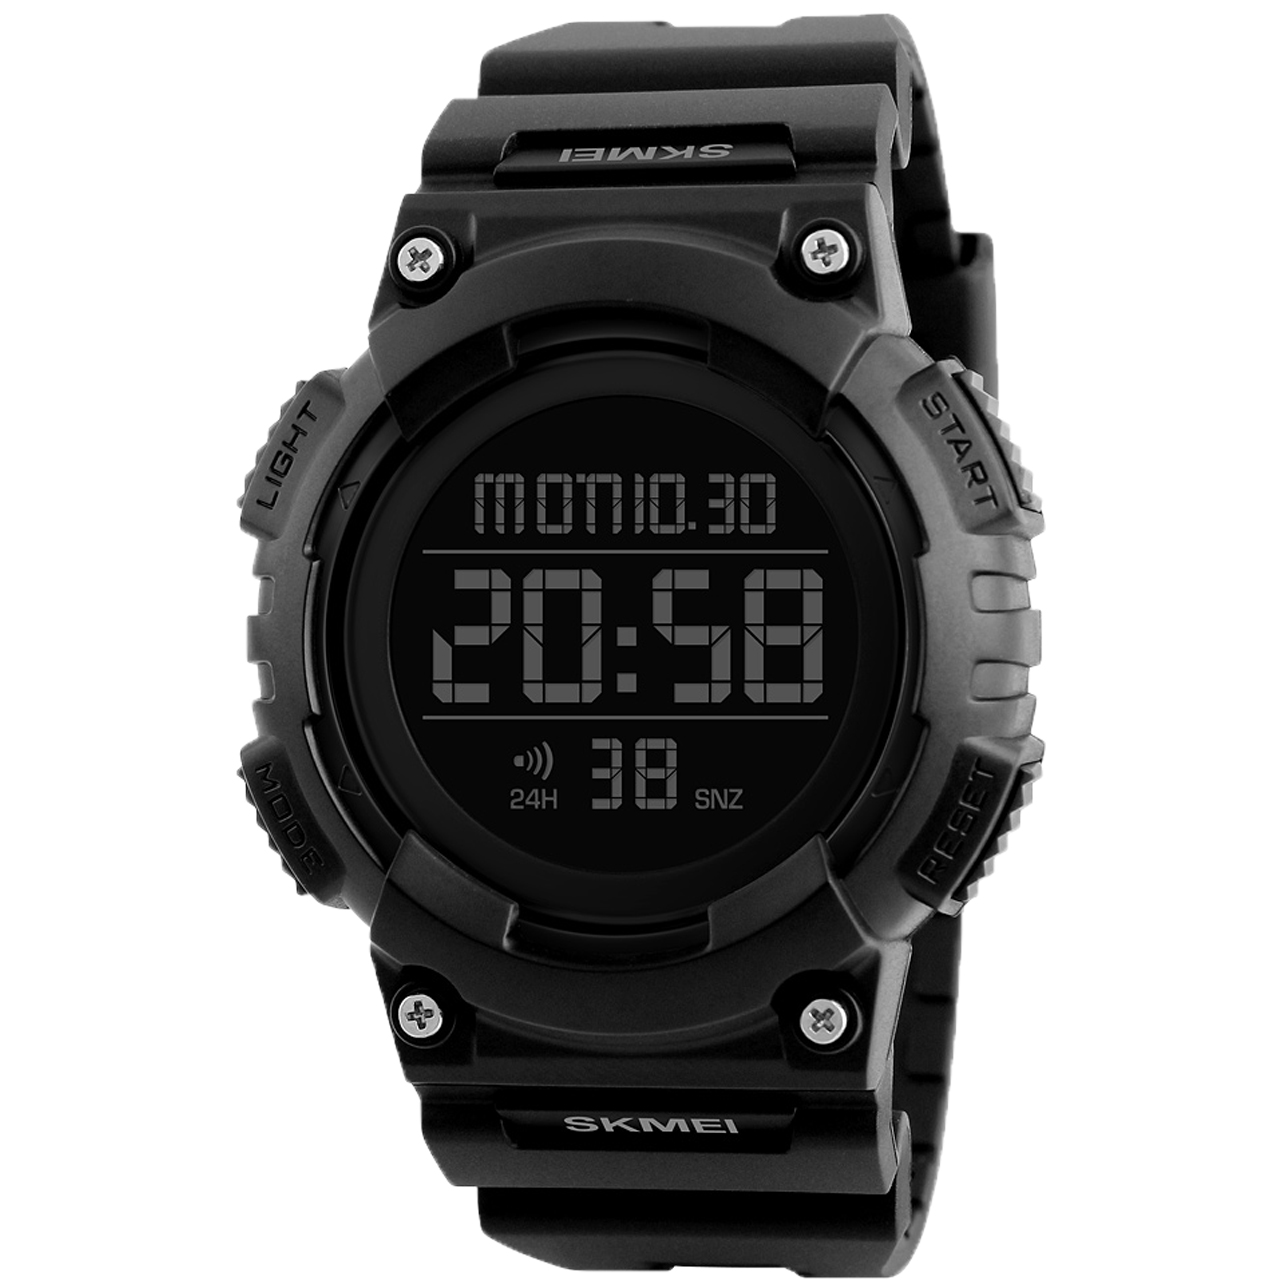 ساعت مچی دیجیتال مردانه اسکمی مدل 1248 15